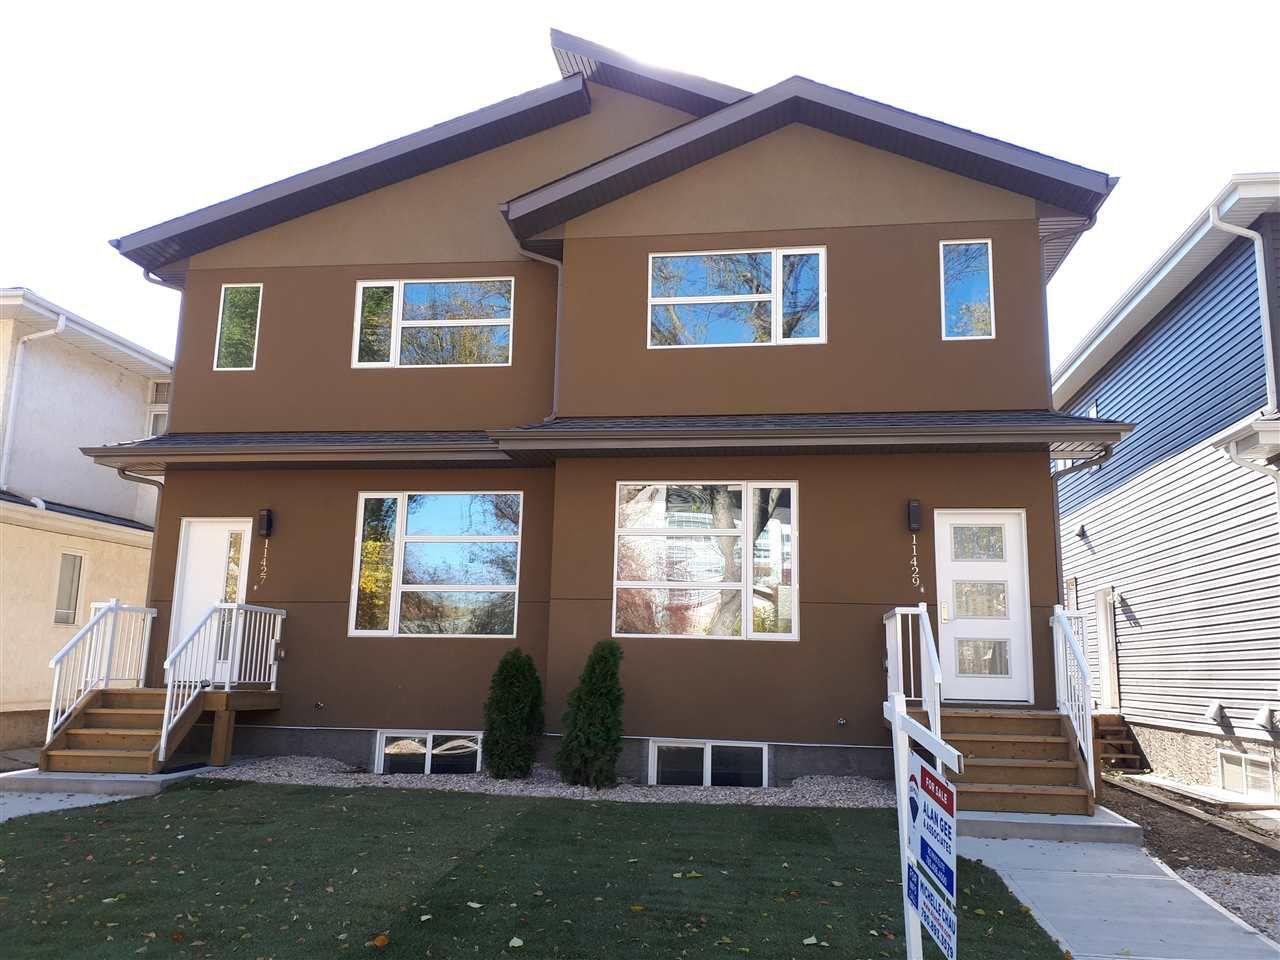 Main Photo: 11429 80 Avenue in Edmonton: Zone 15 House Half Duplex for sale : MLS®# E4116003